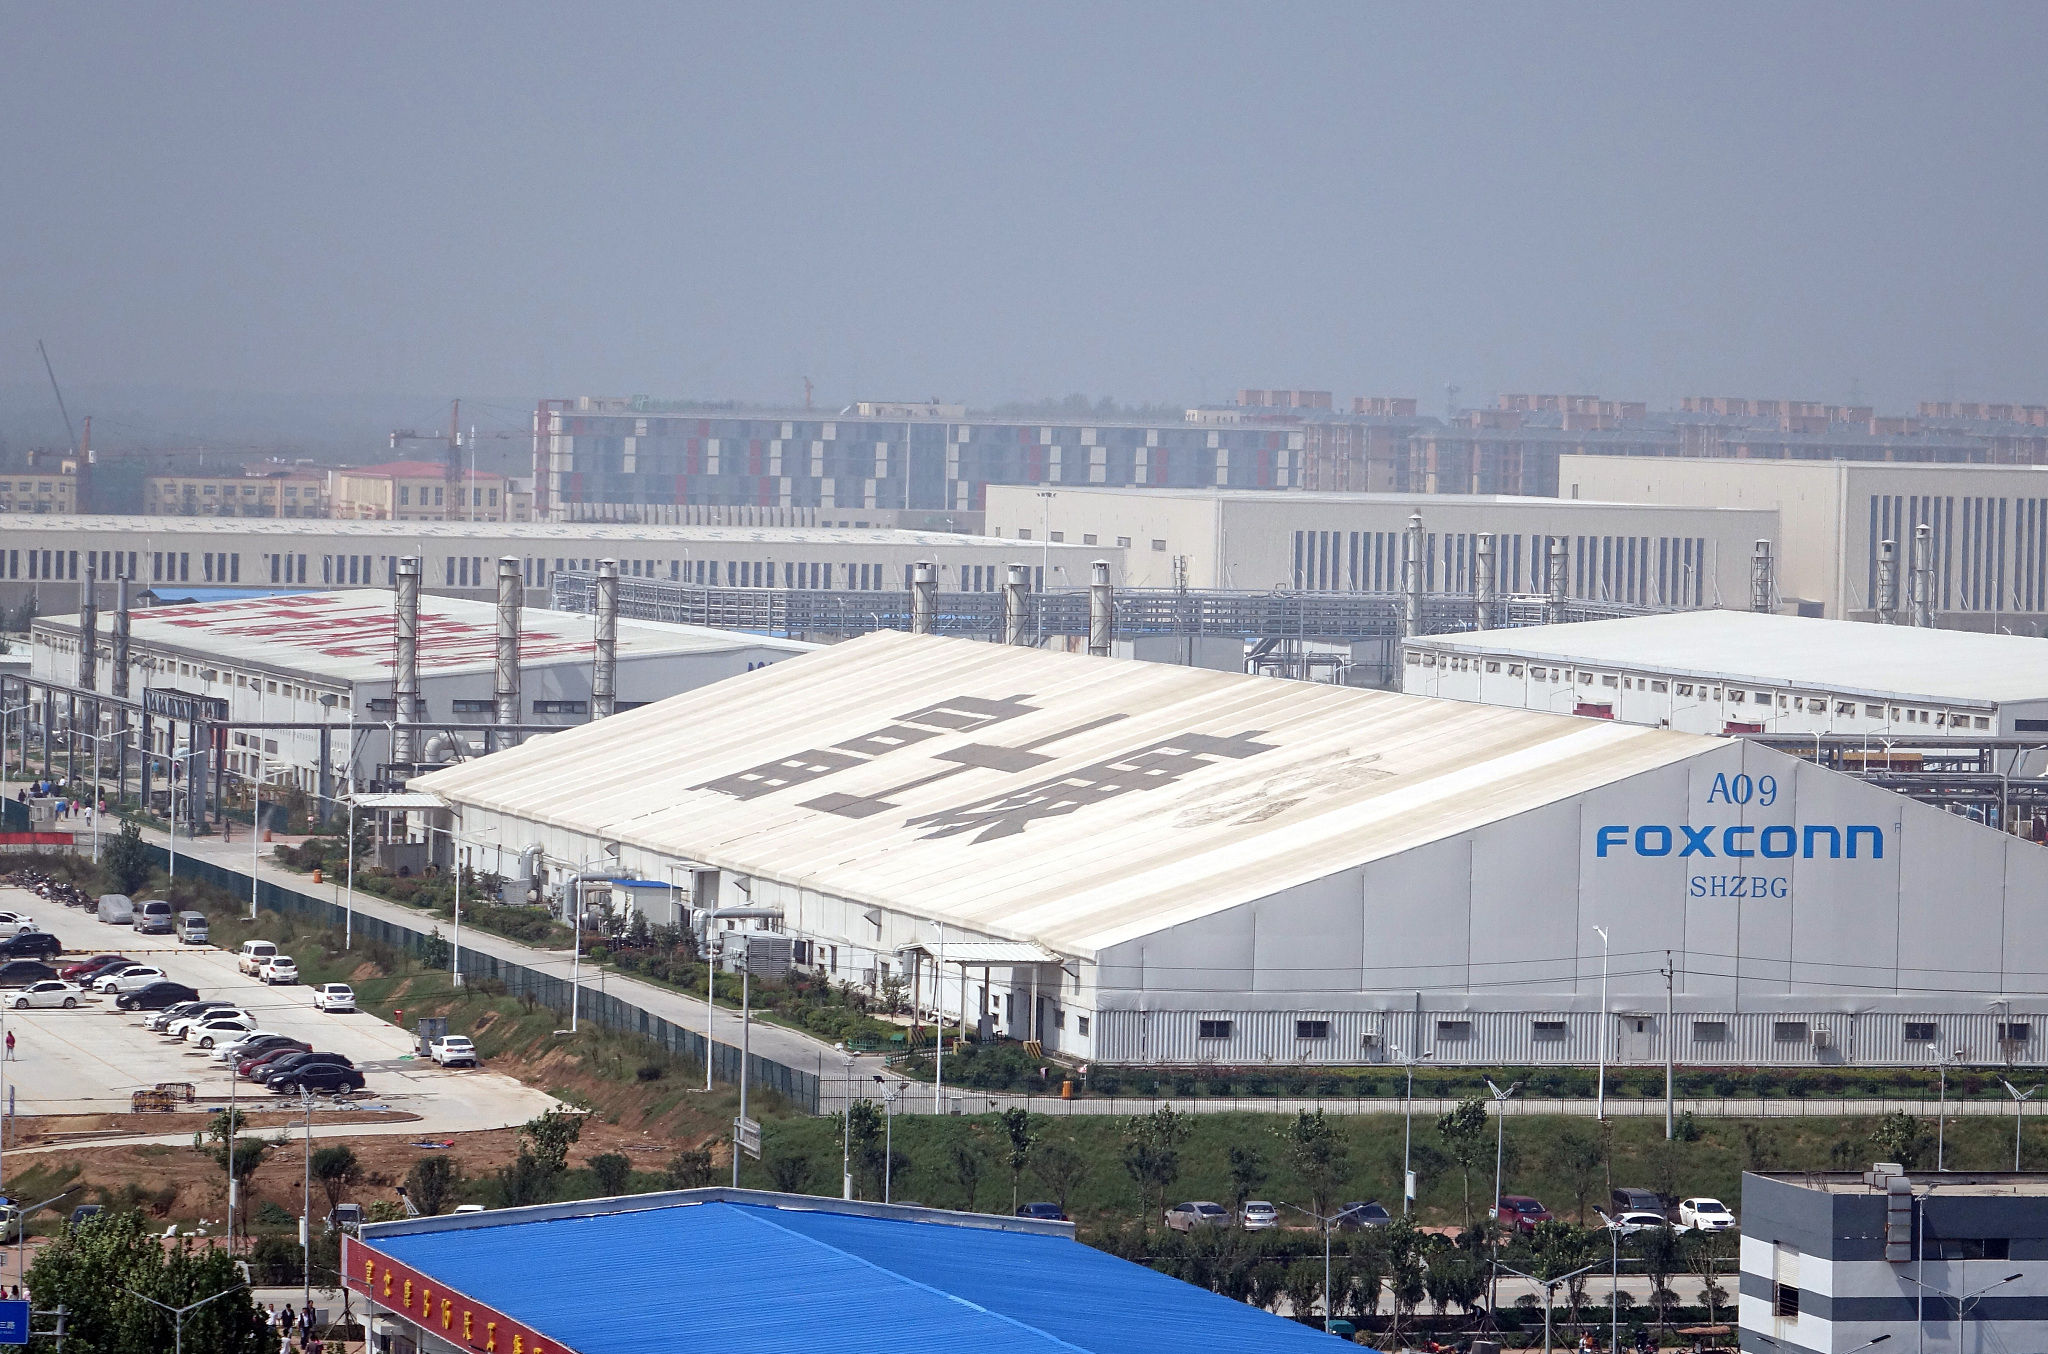 河南省郑州市航空港区的富士康保税区厂房| 视觉中国